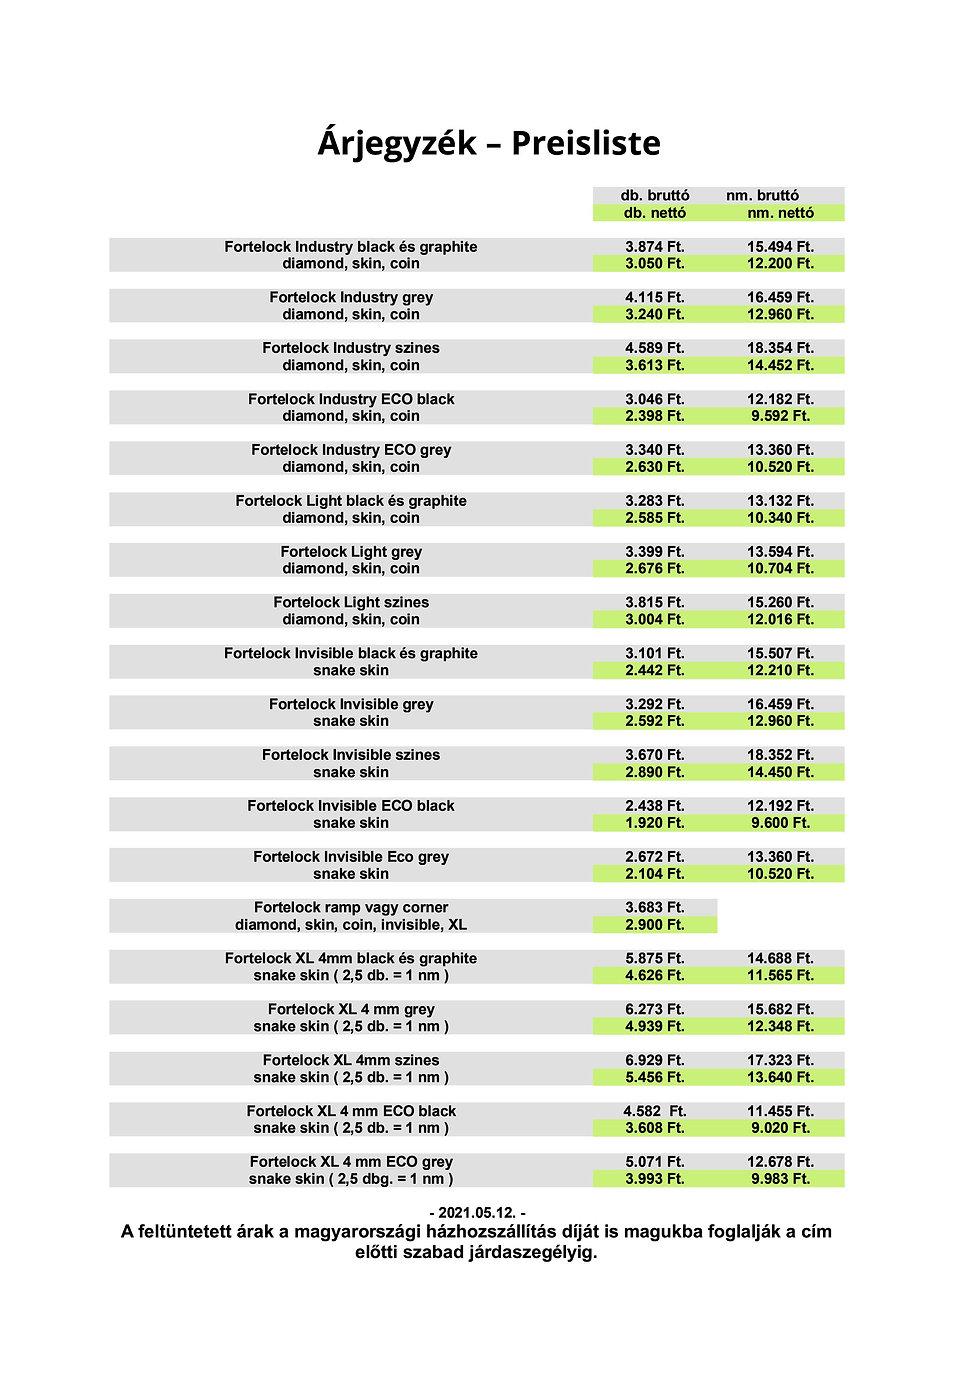 Árjegyzék 2021.05.12. pdf-page-001.jpg